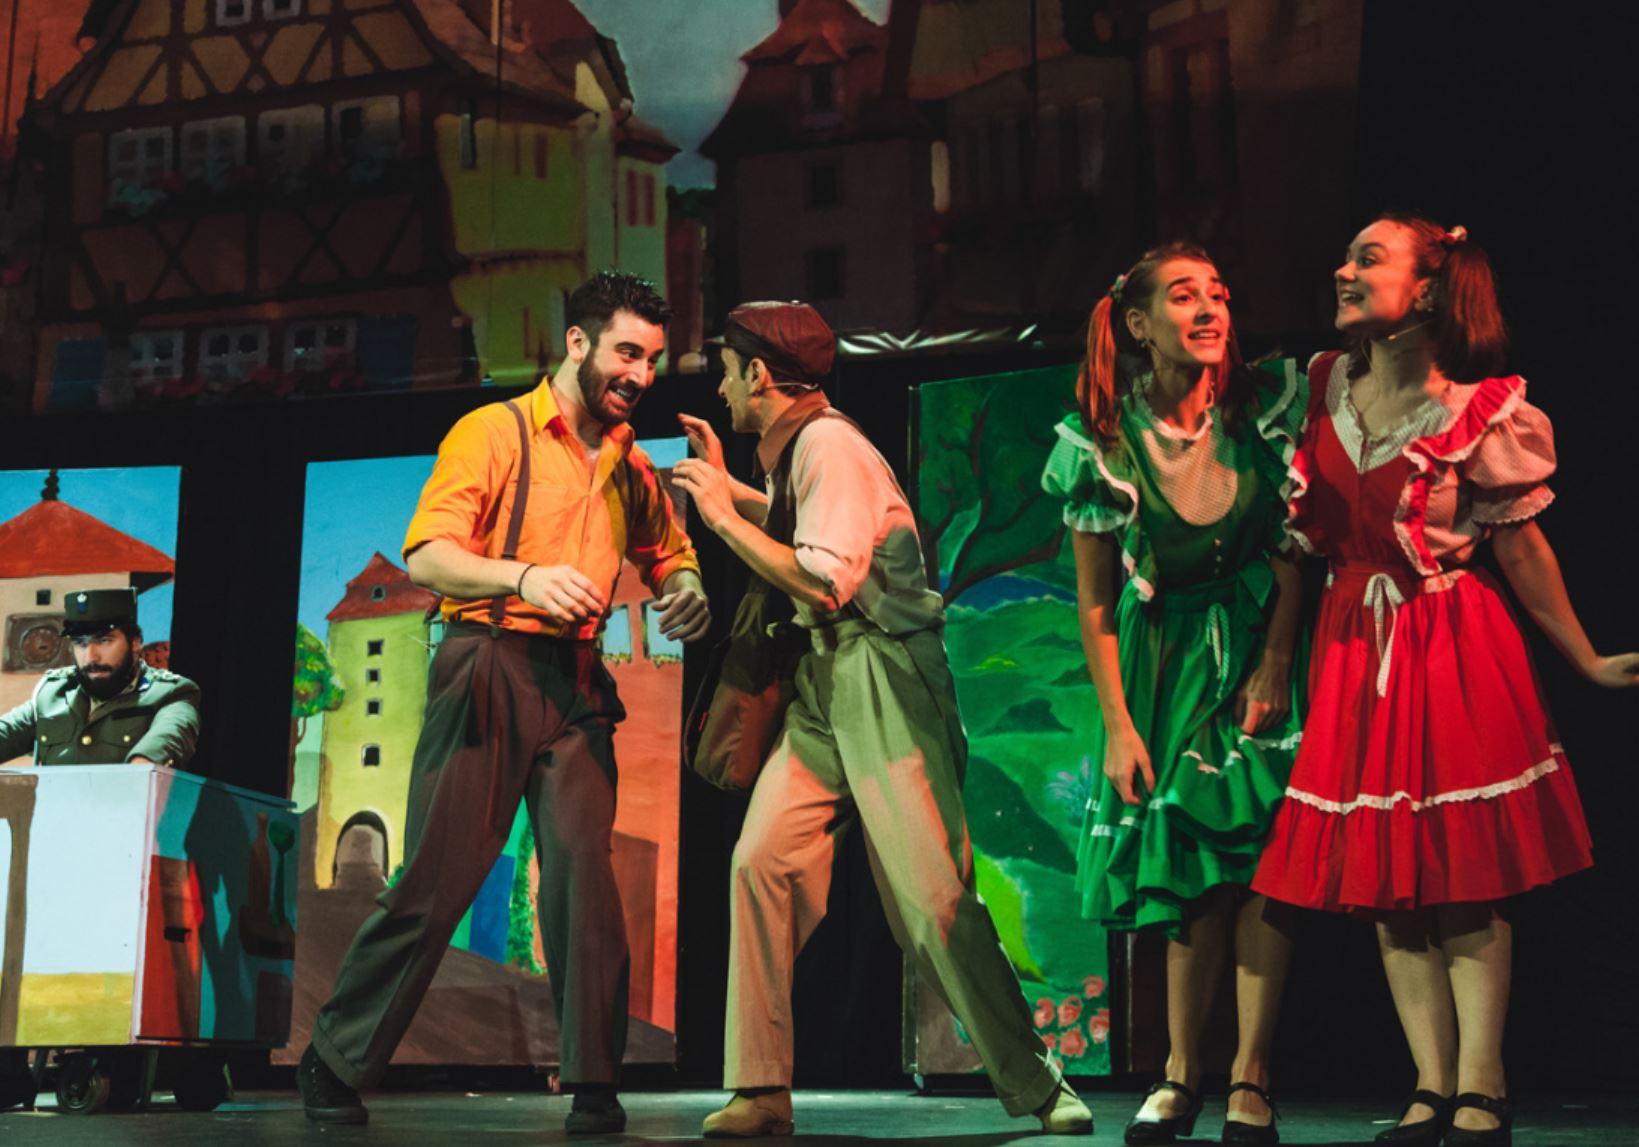 Κοζάνη: Παιδική θεατρική παράσταση «Το Γαϊτανάκι» της Ζωρζ Σαρή στις 21 Δεκεμβρίου